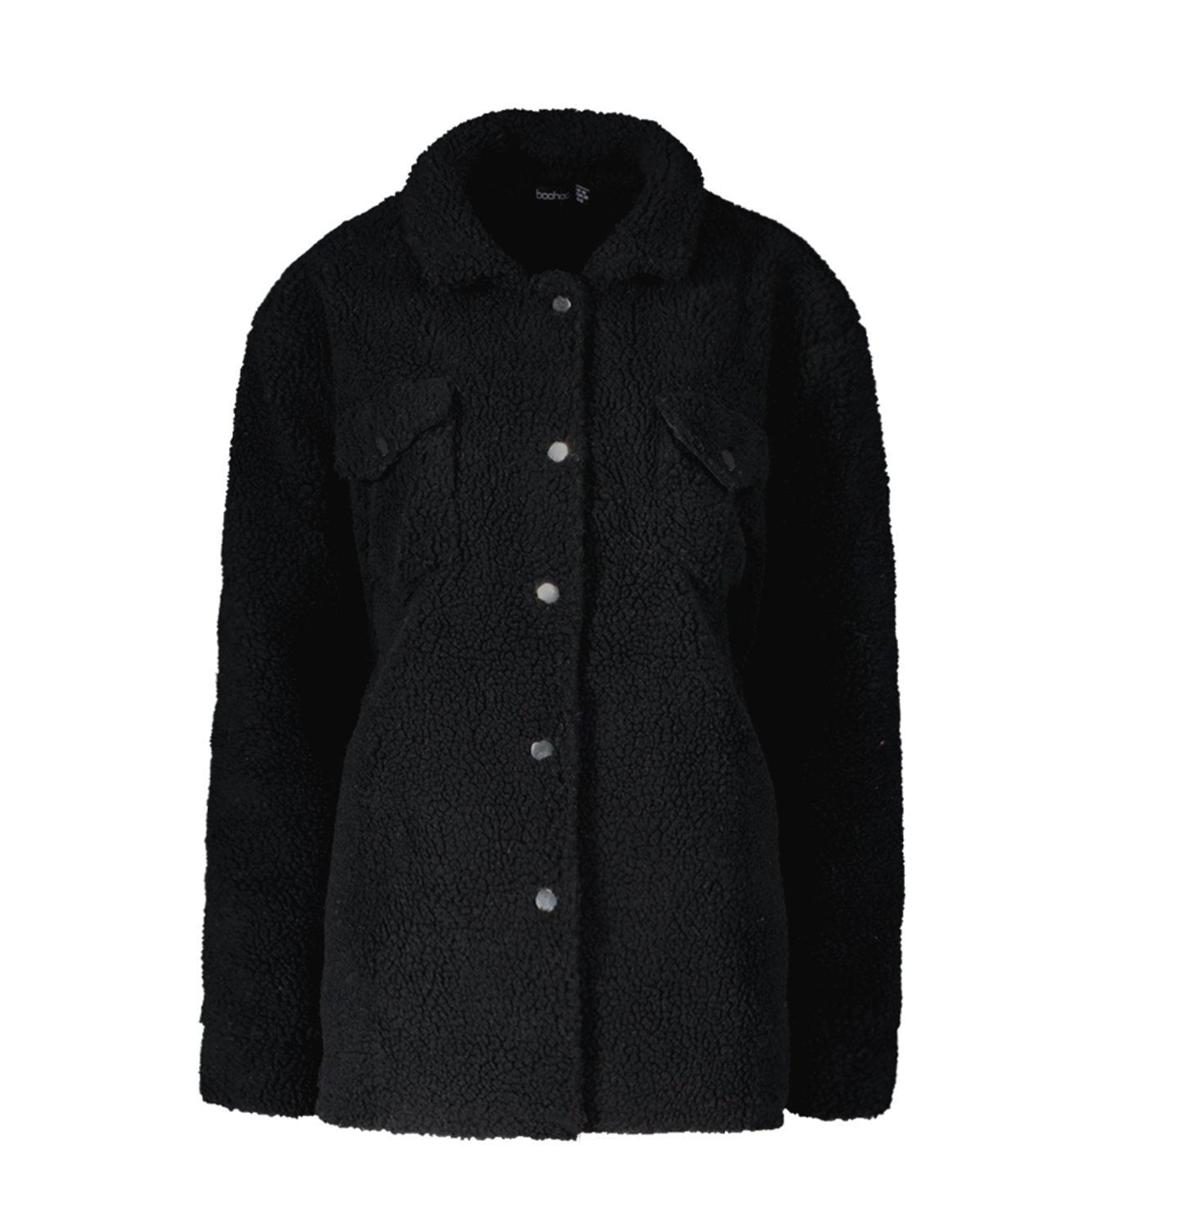 9b6db4721 Rebajas 2019: abrigos baratos de mujer - InStyle